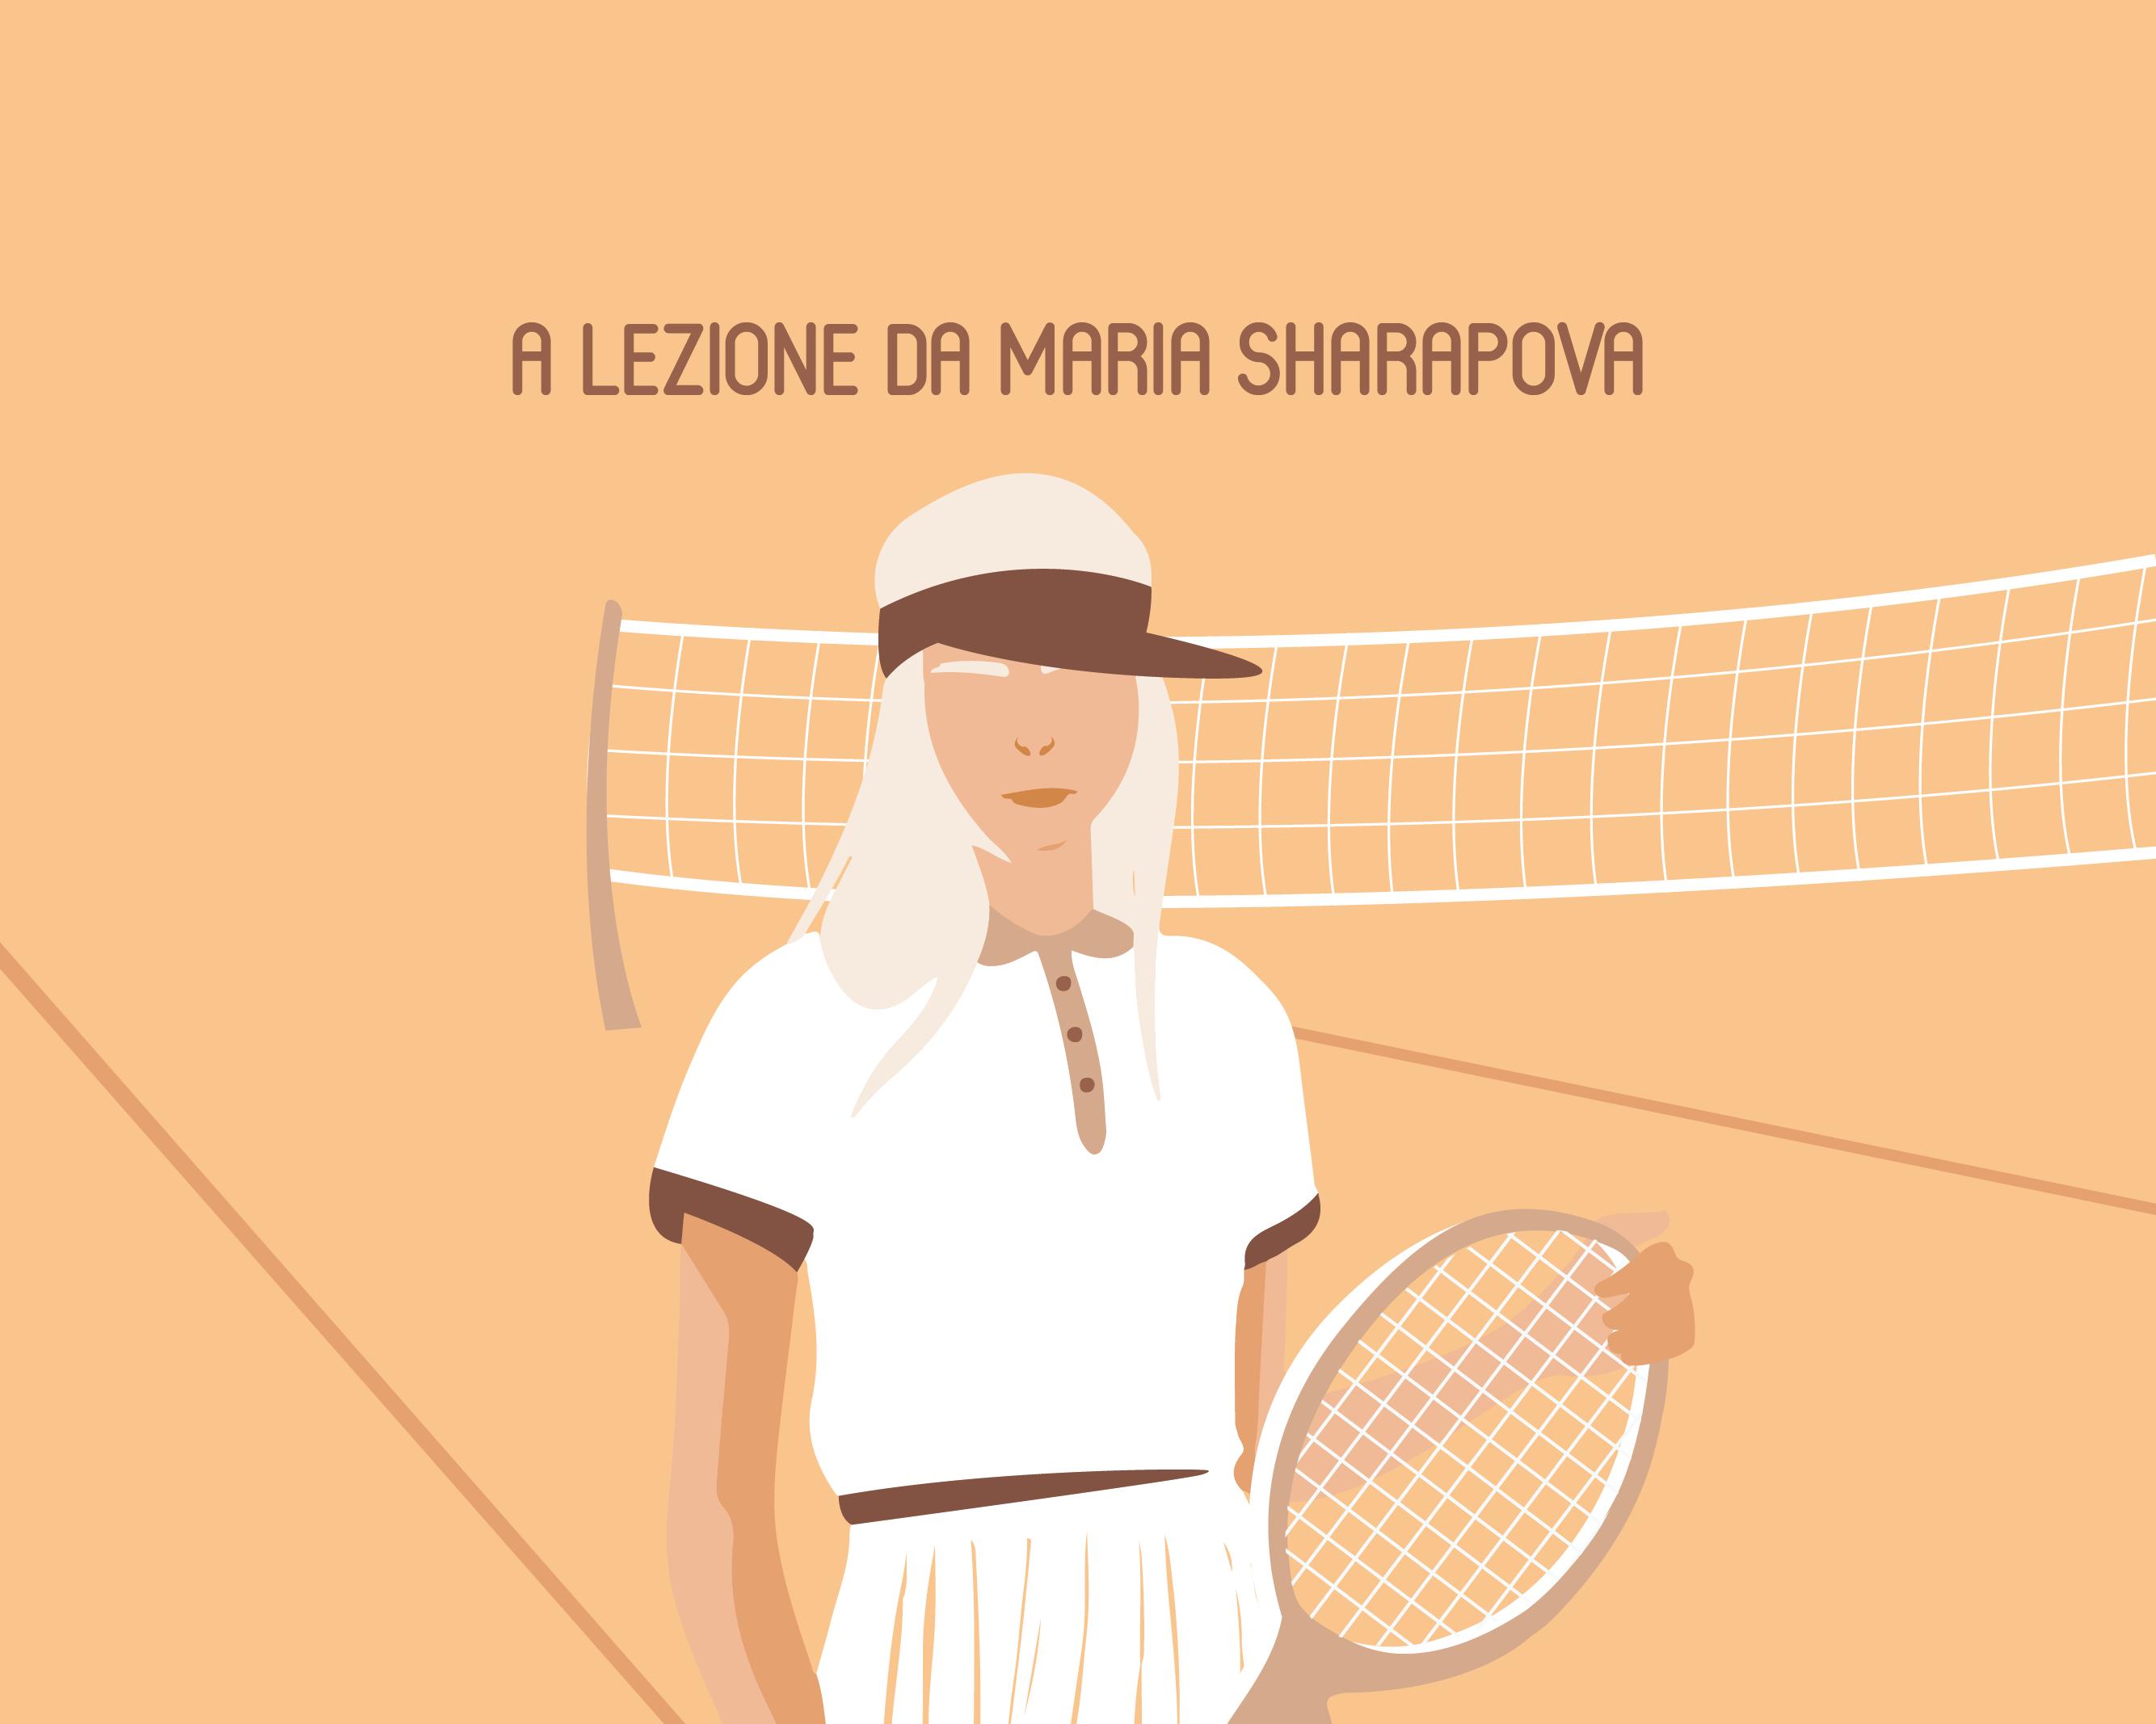 Cultura del lavoro: a lezione da Maria Sharapova